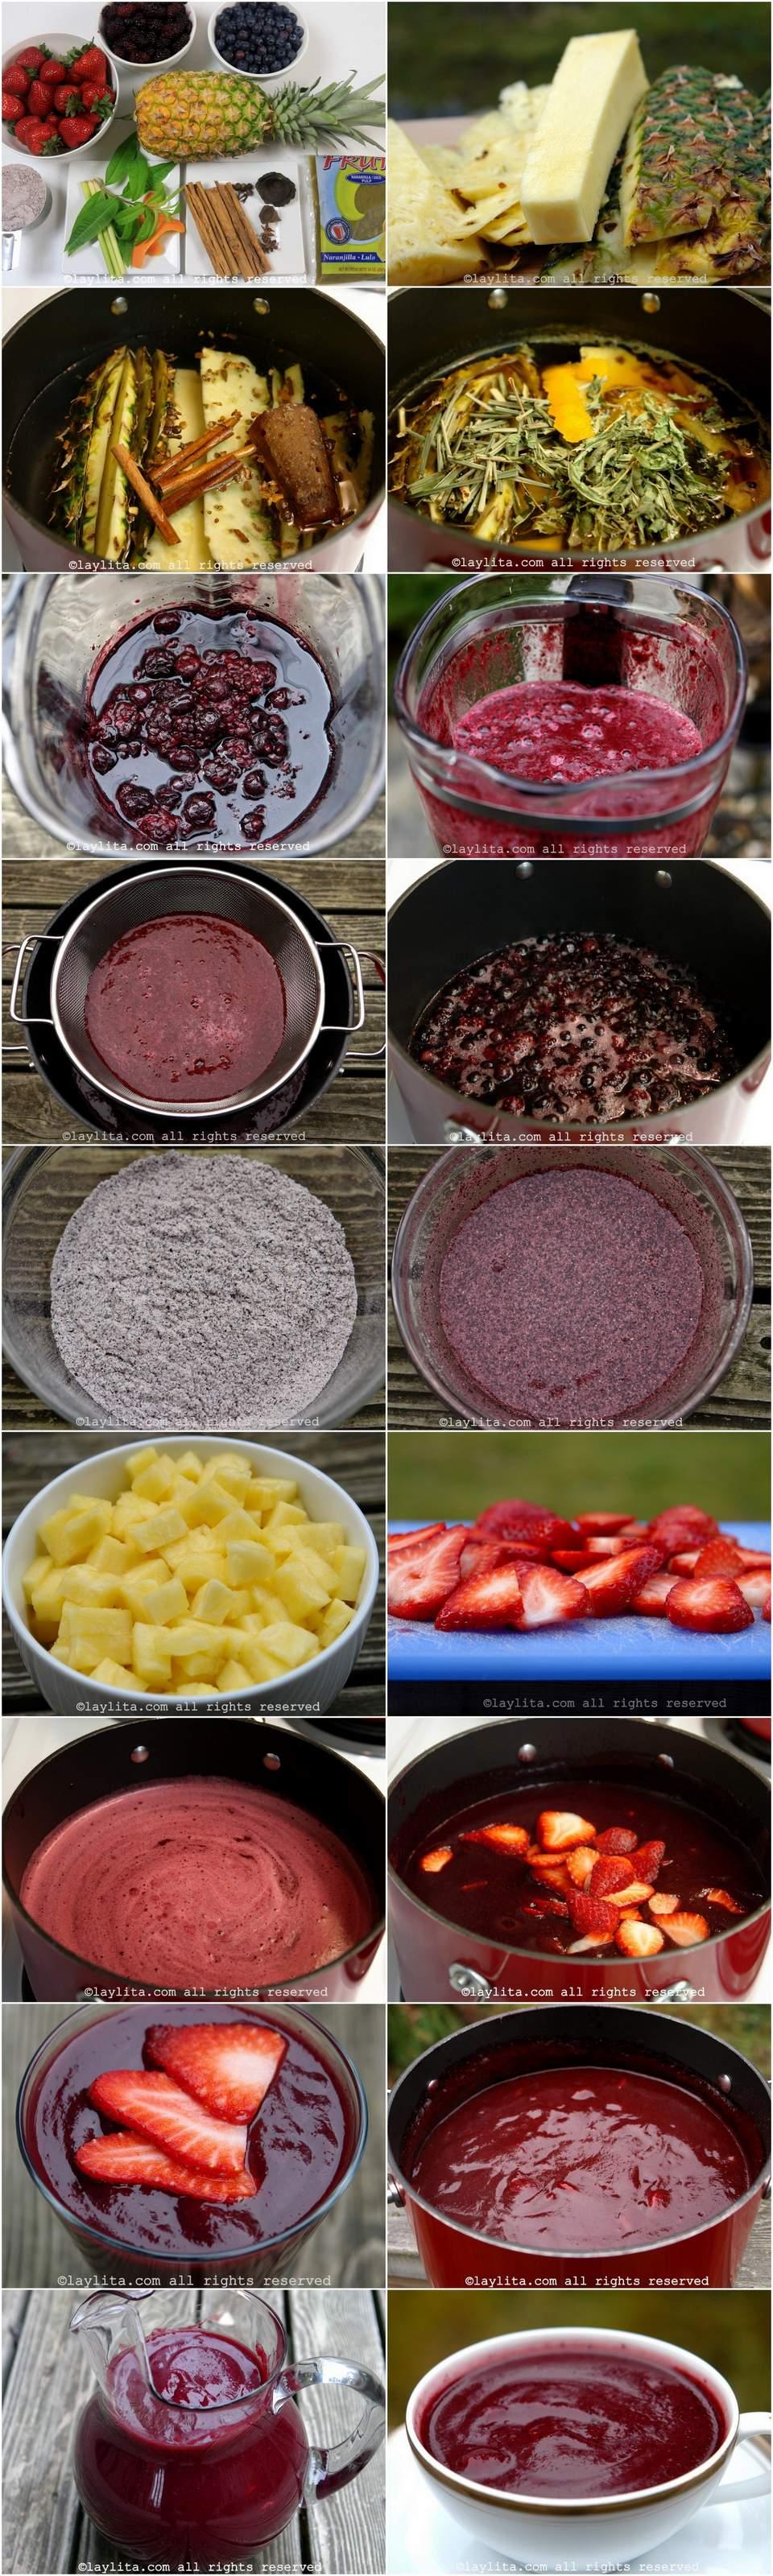 Modo de preparar colada morada equatoriana